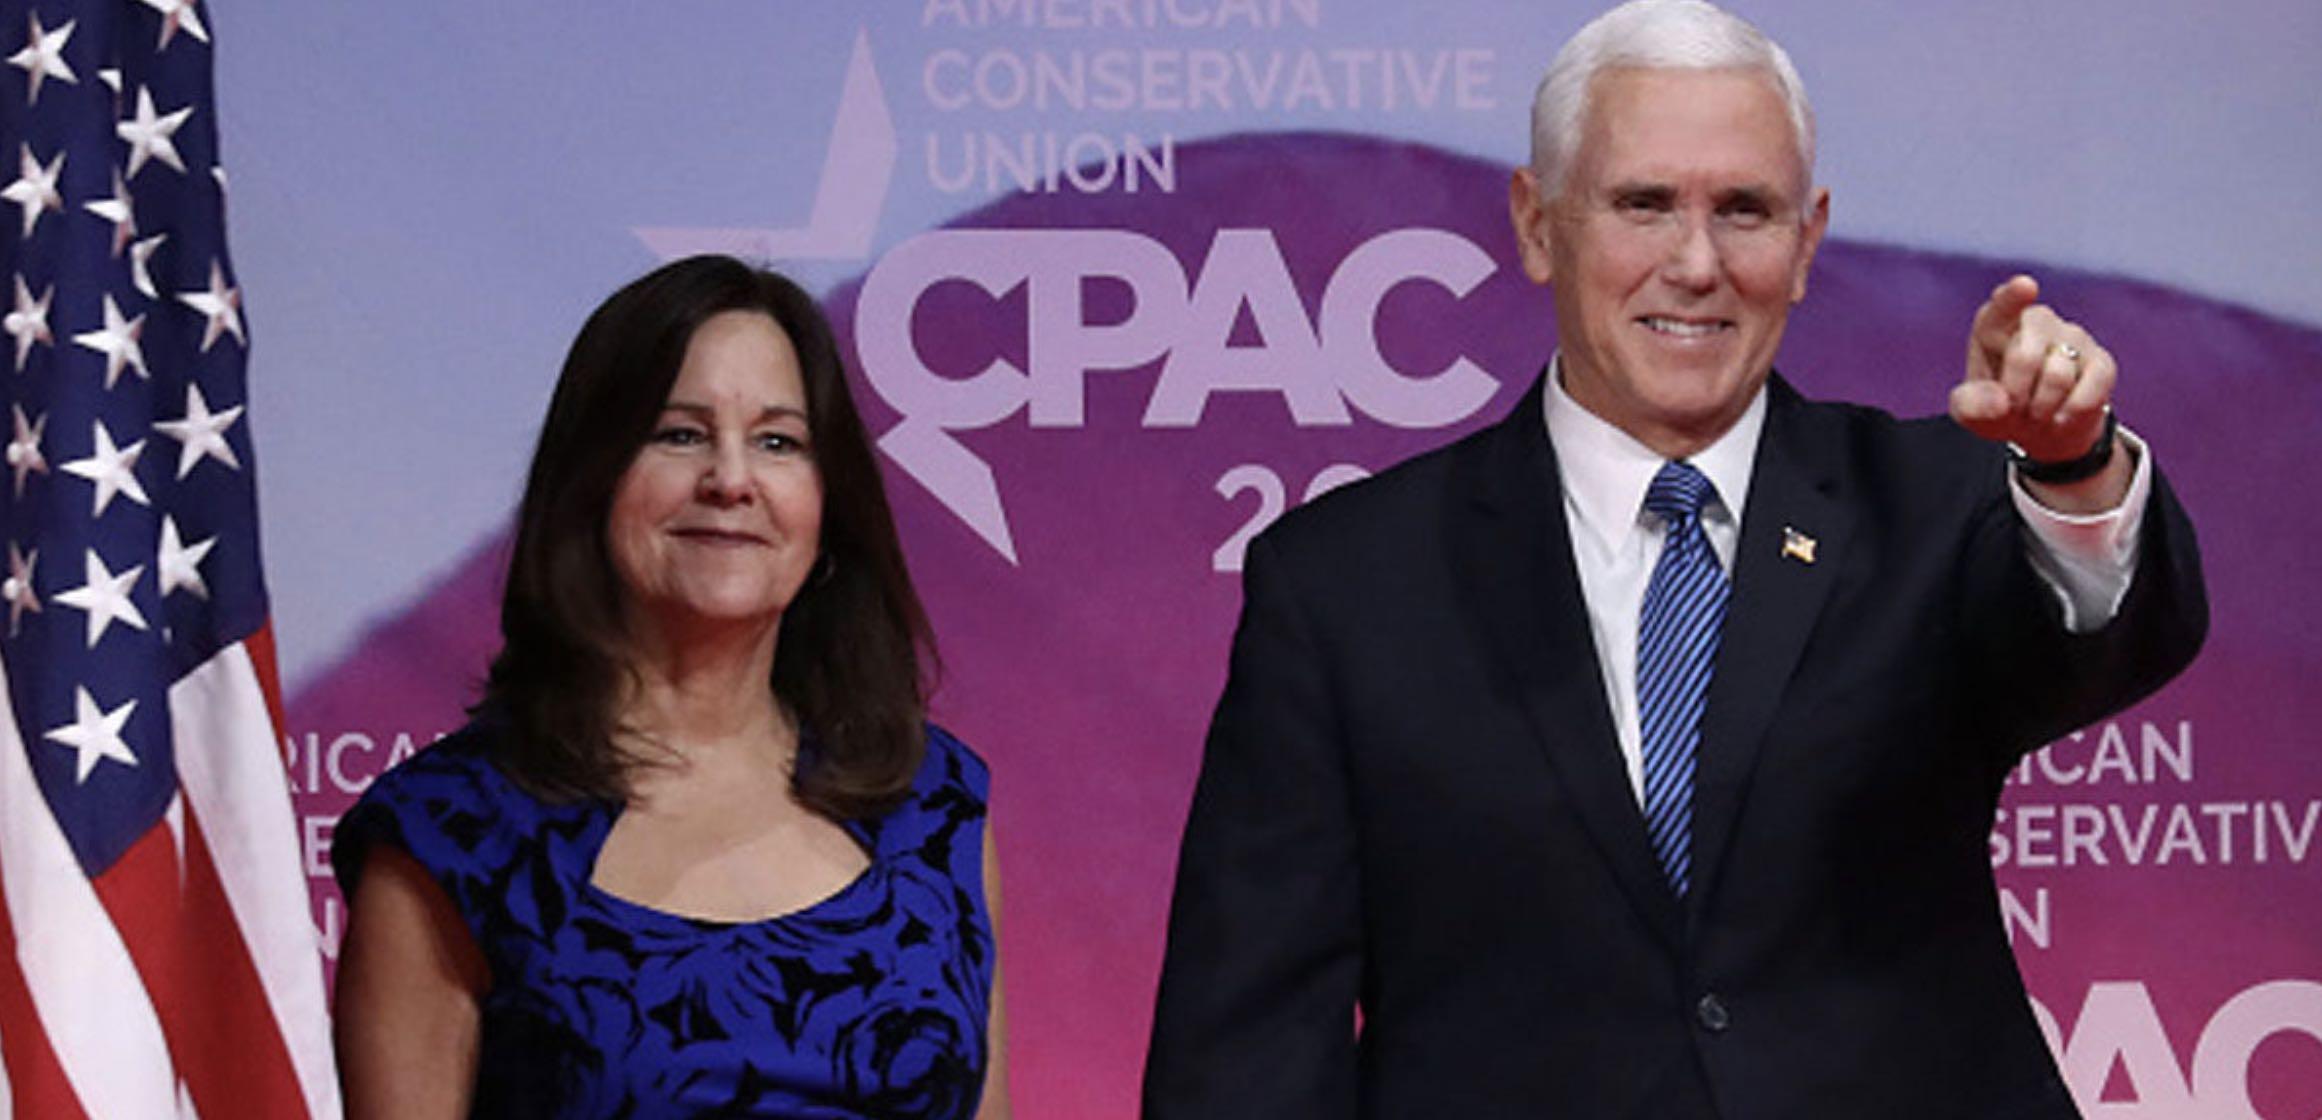 Mike Pence en CPAC, Conservadores, Estados Unidos, Aborto, Venezuela